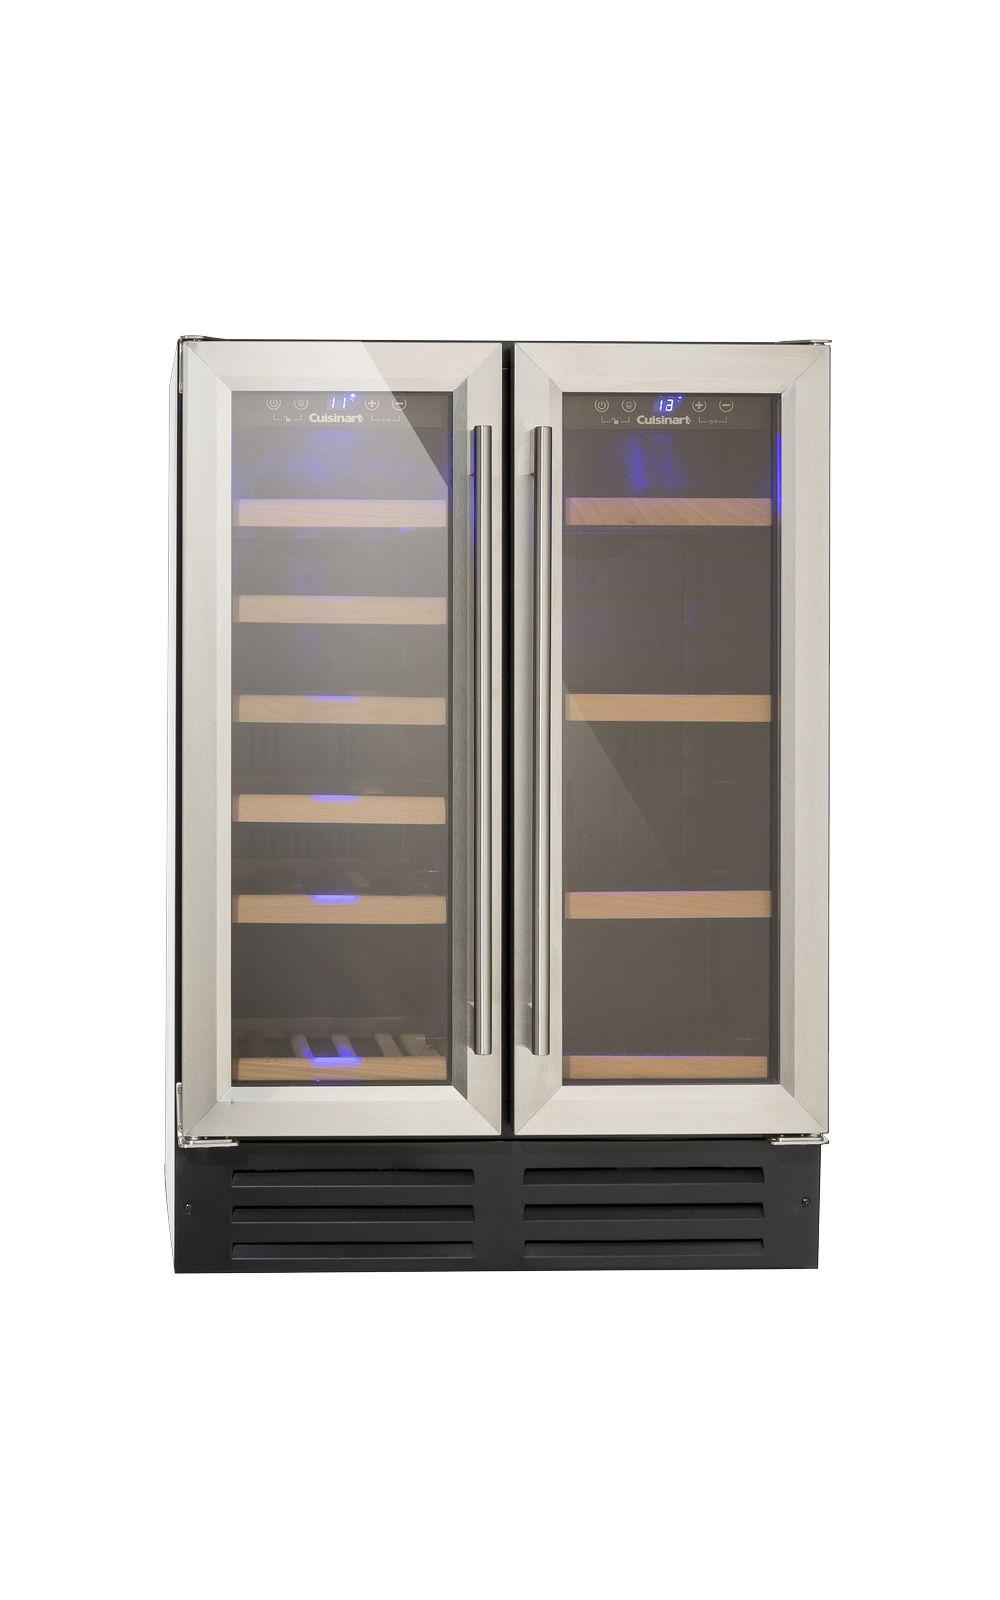 Foto 1 - Adega de Vinhos e Frigobar 2 Portas Built in 220V Prime Cooking Cuisinart